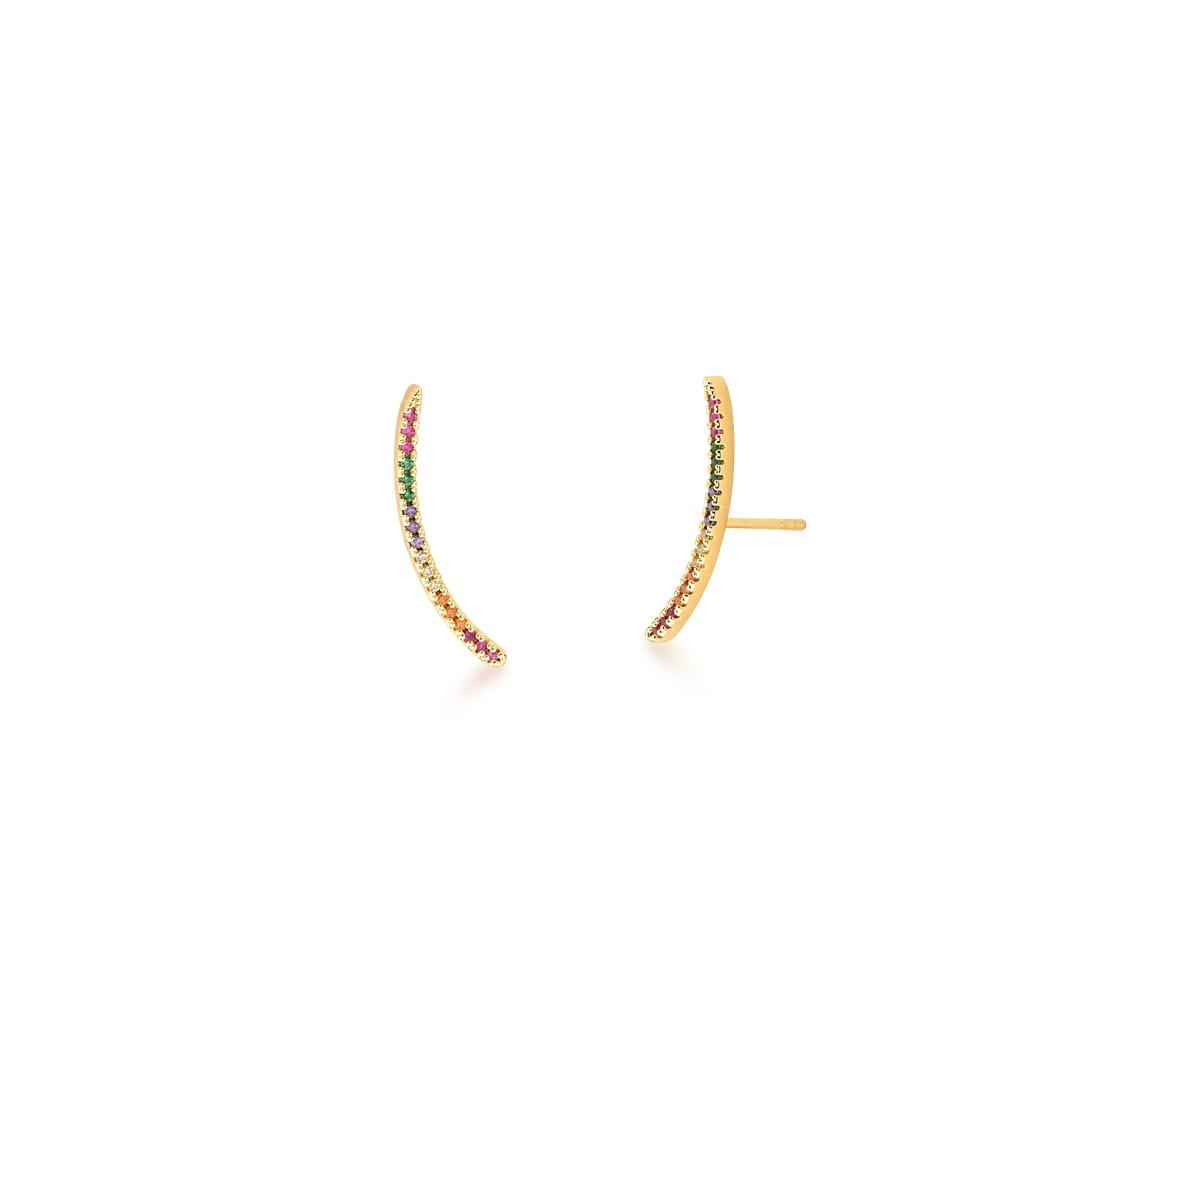 Brinco Ear Cuff Curvo com Zircônias Coloridas Banhado a Ouro 18k